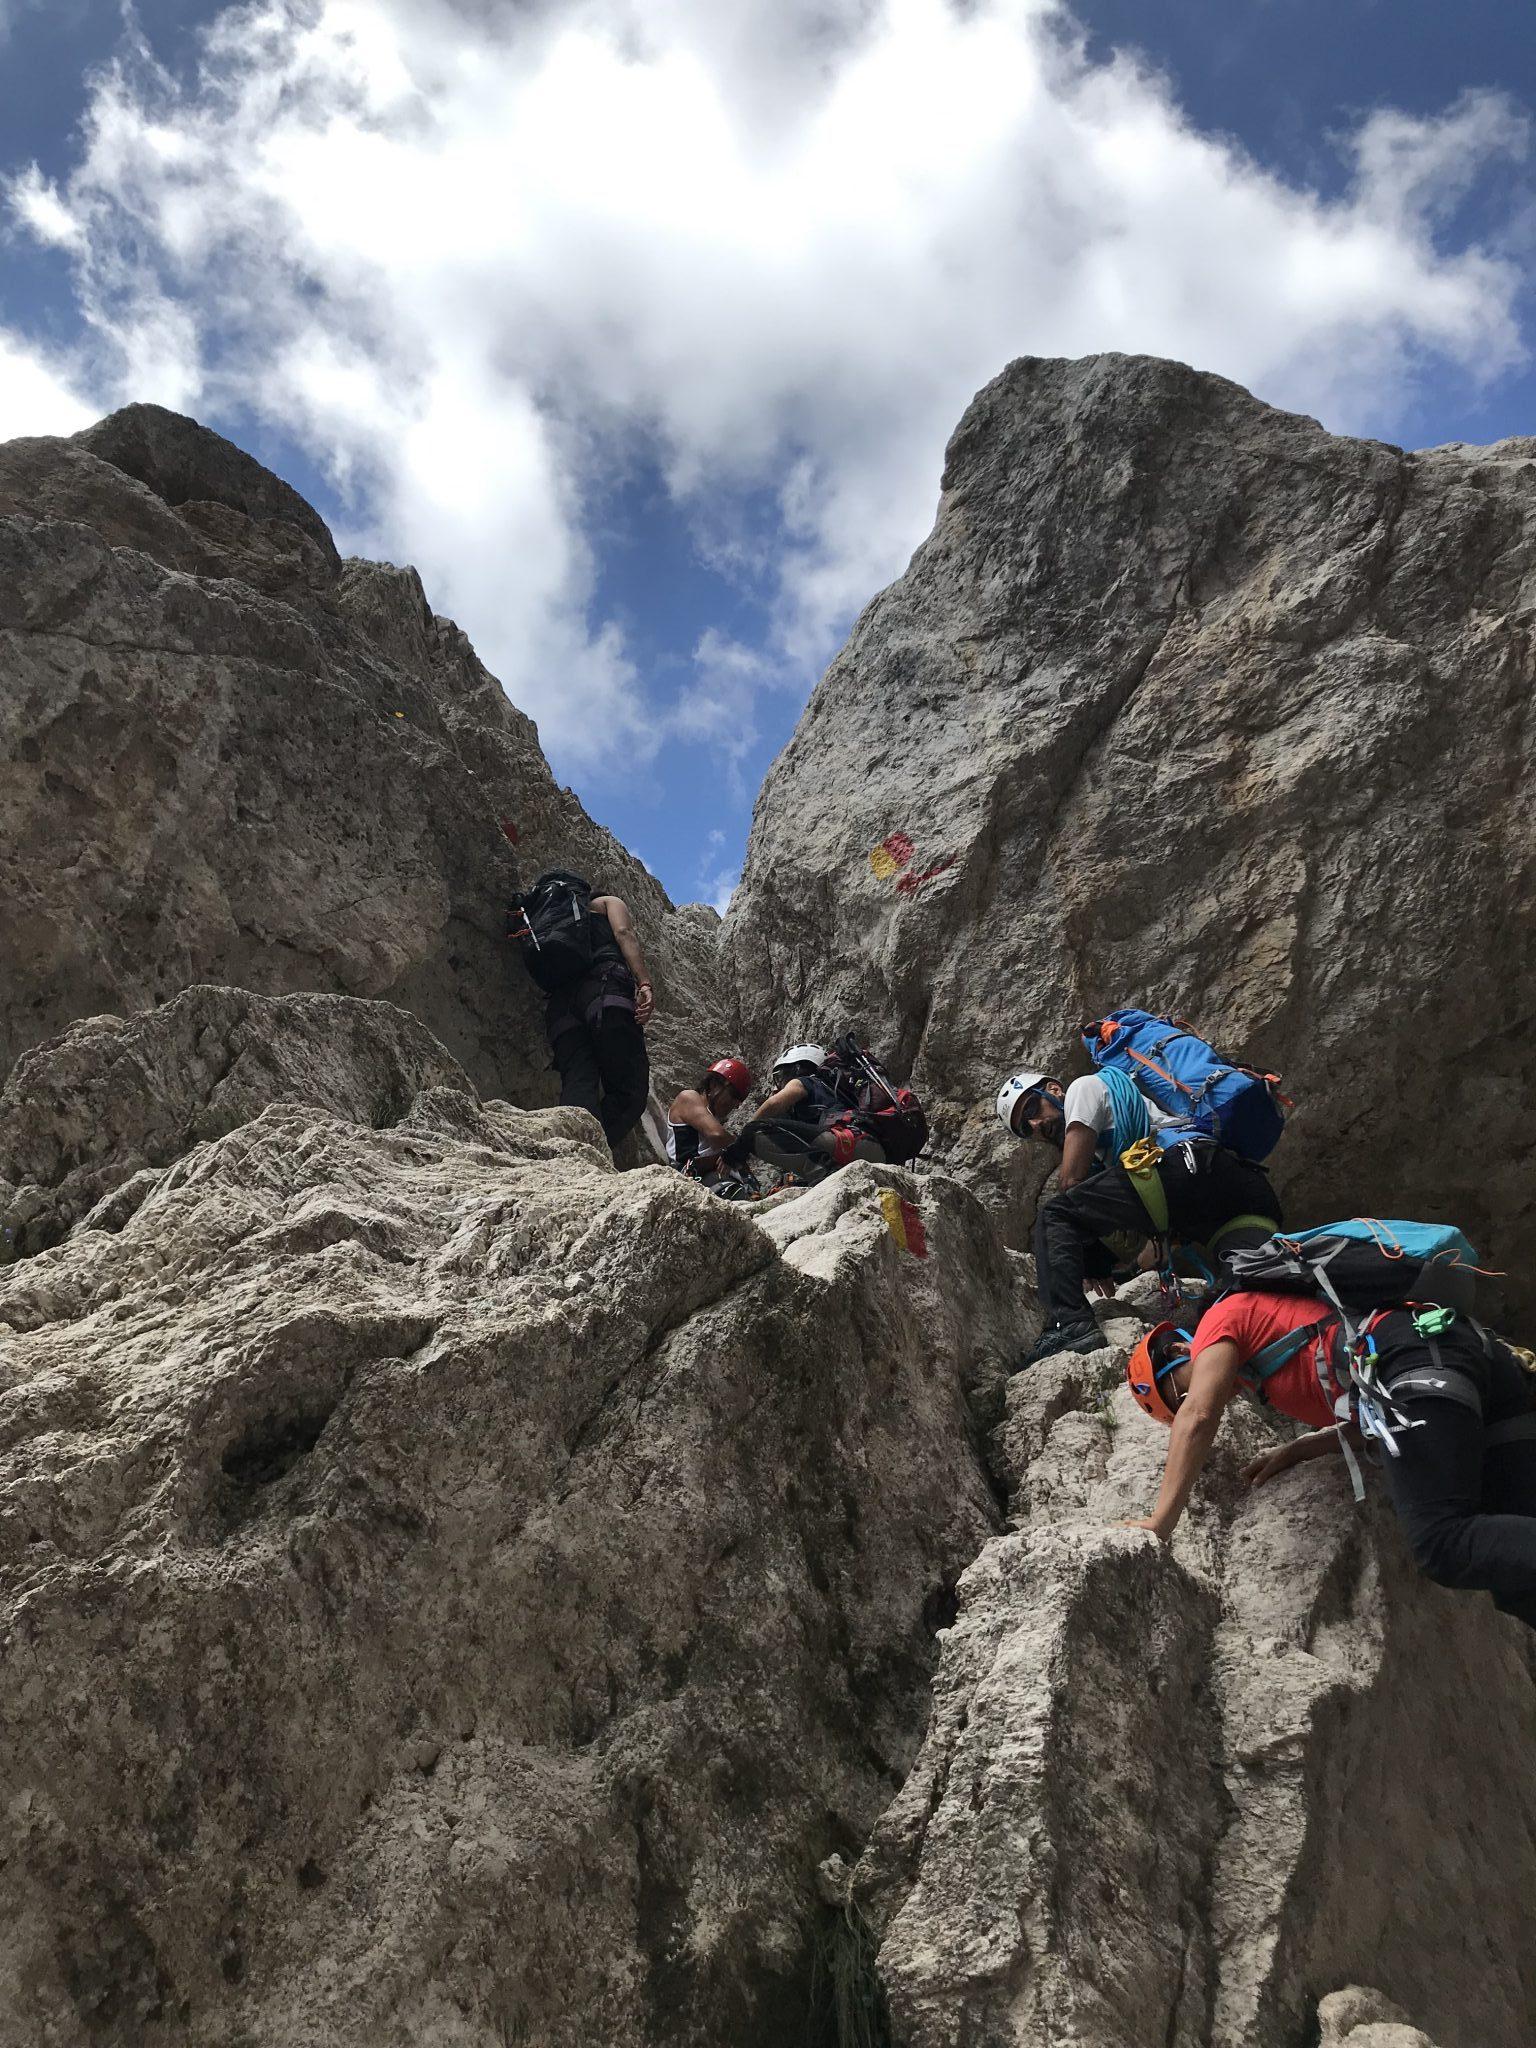 Passaggio sotto rocce incastrate